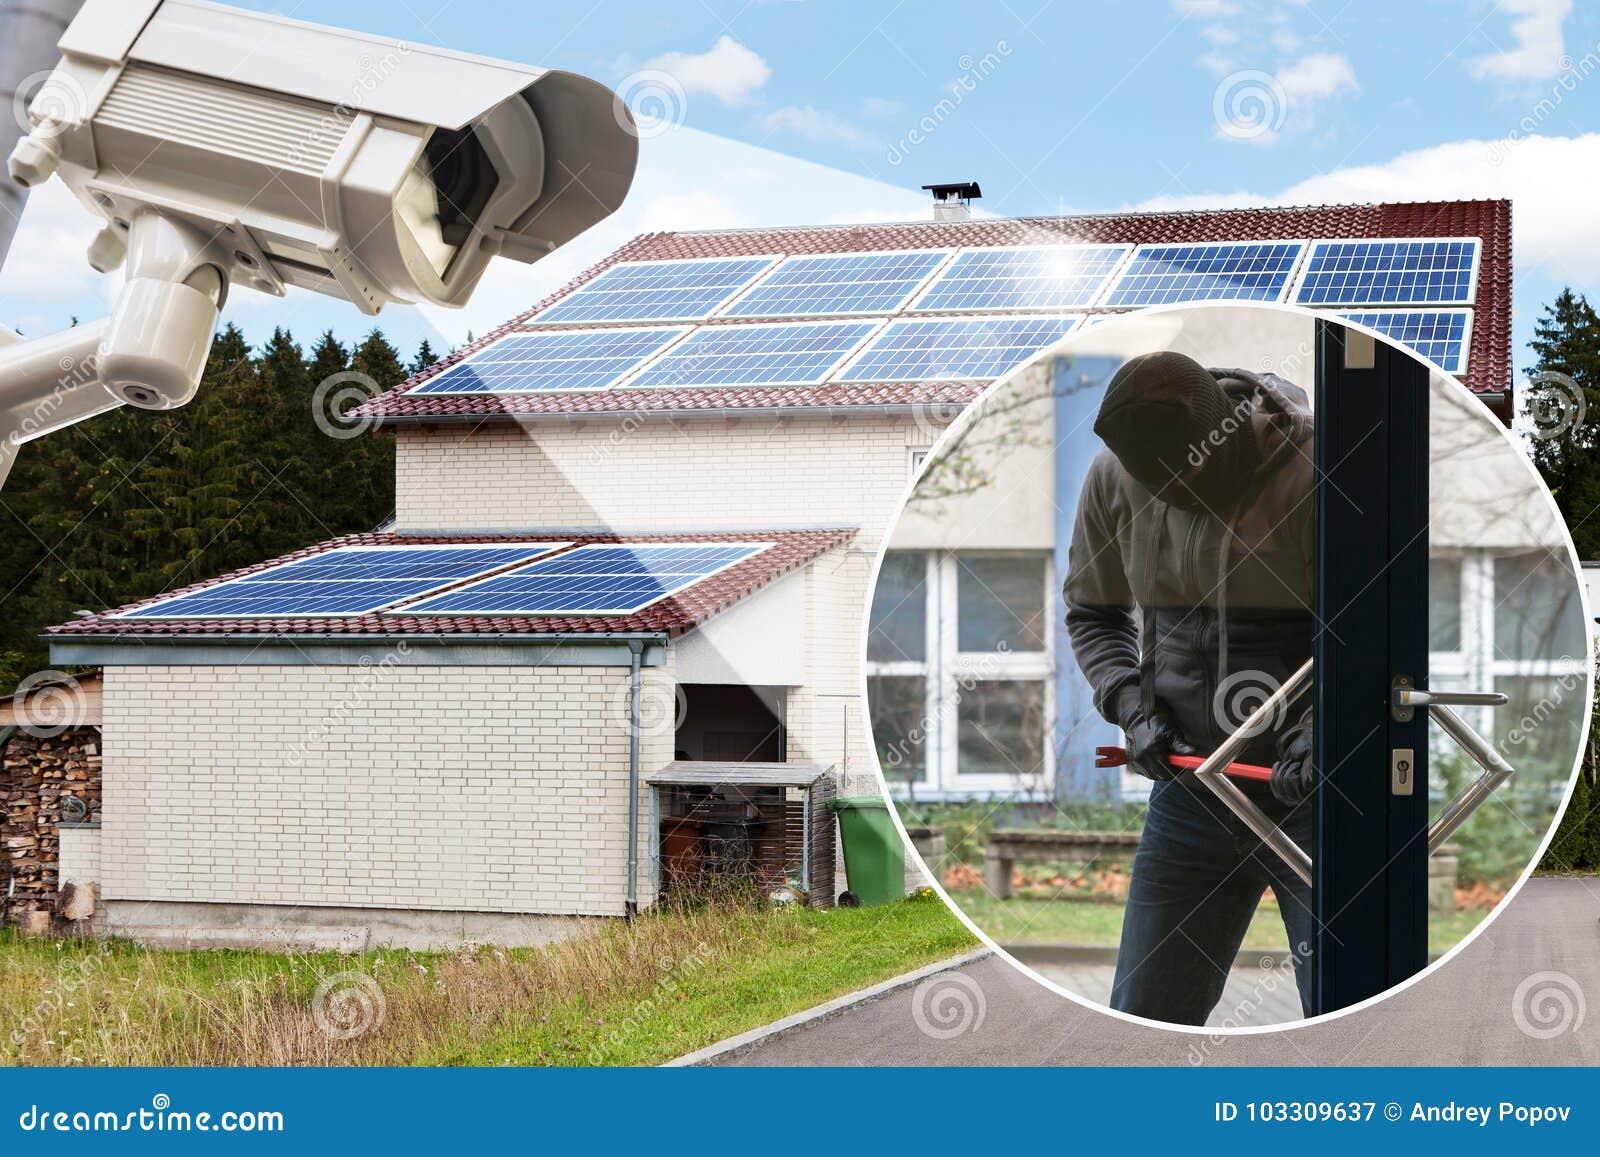 Камера CCTV показывая взломщика пробуя раскрыть дверь